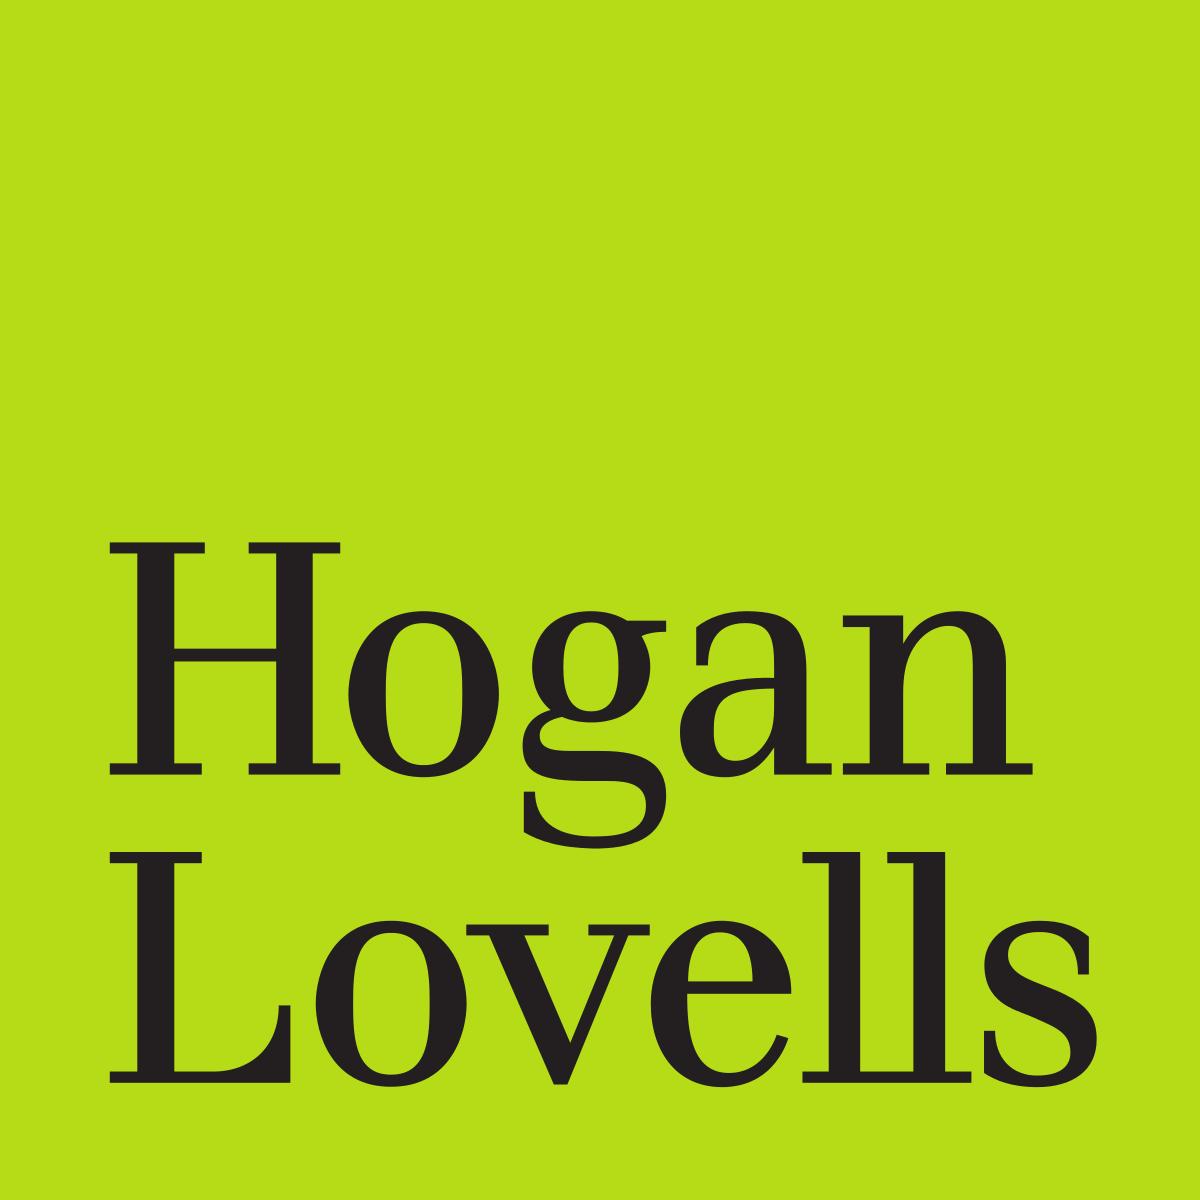 Hogan_Lovells_logo.svg